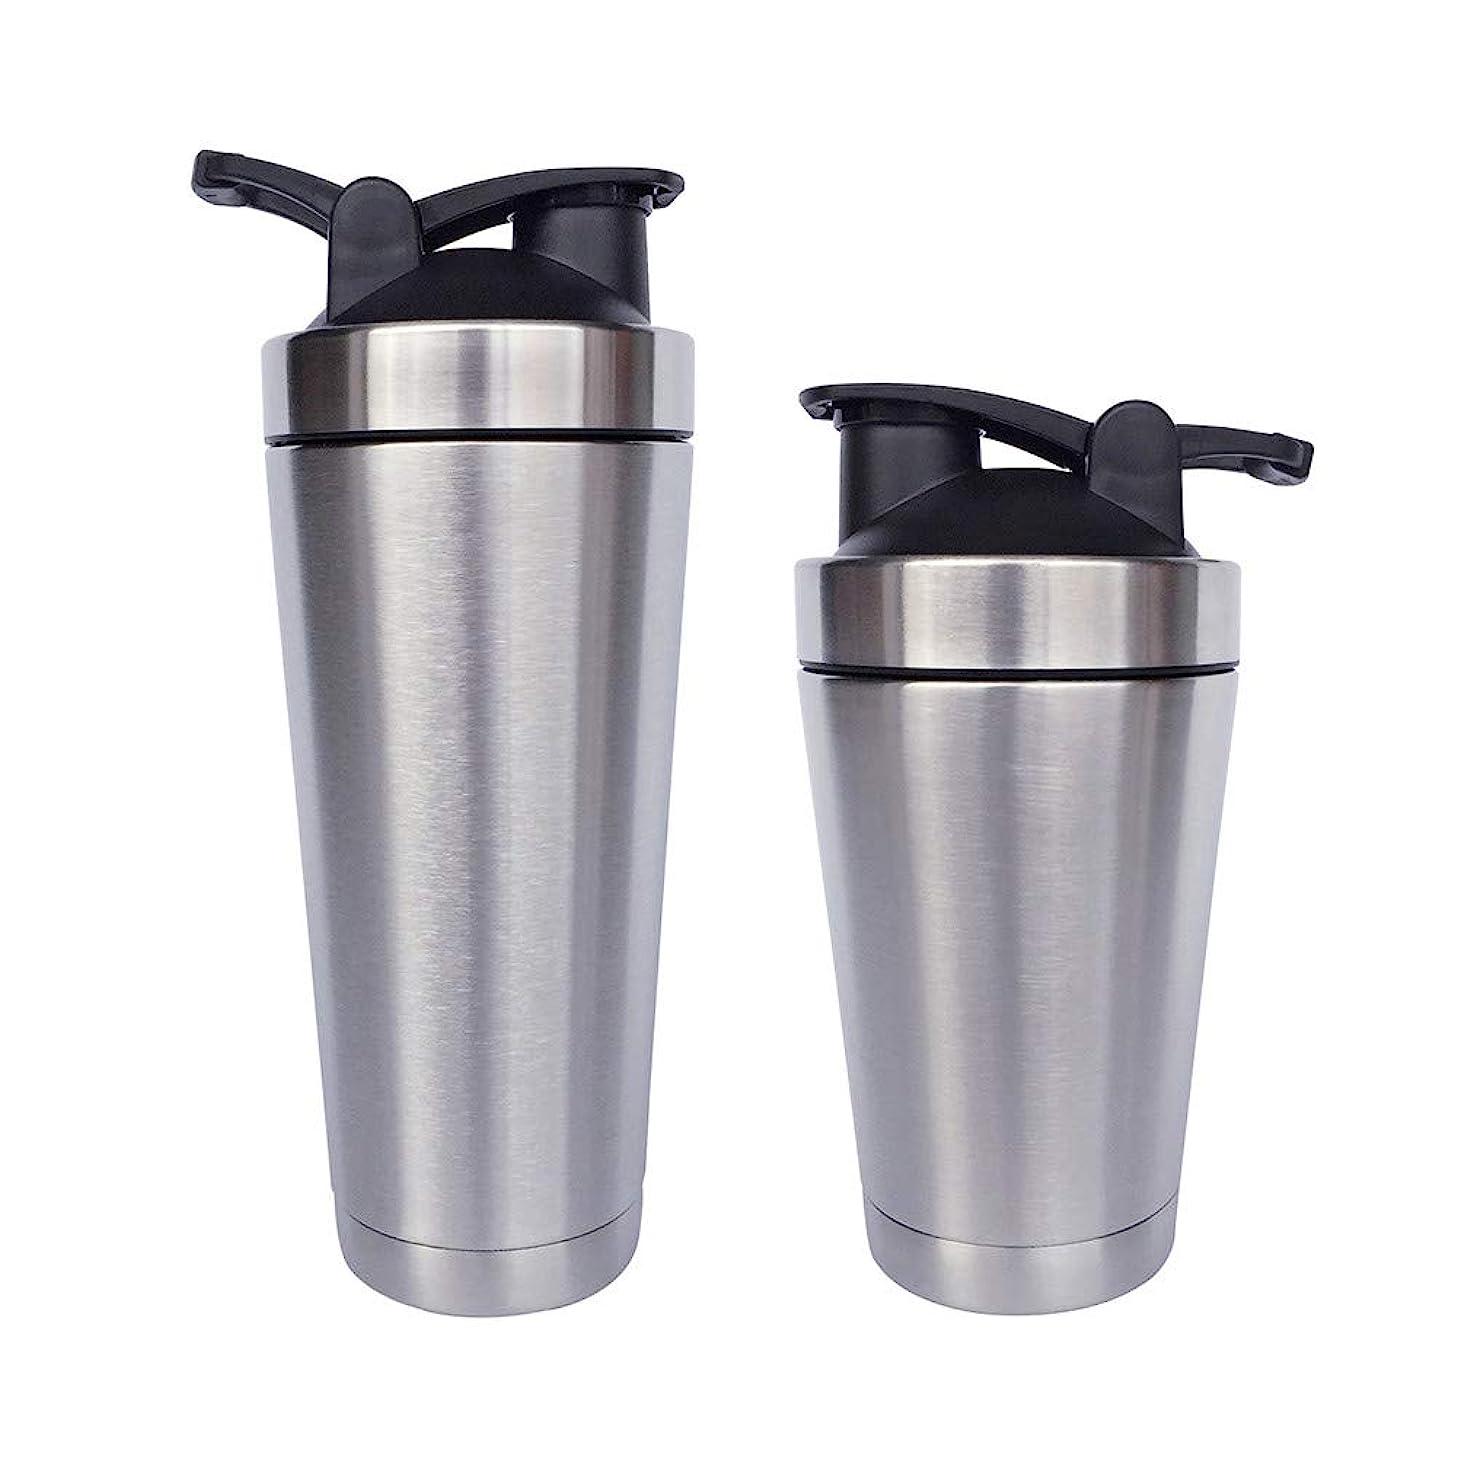 カポック見落とす立ち寄るシェーカーボトル-二重壁ステンレス鋼 & 真空断熱-時間のためのホットまたはコールドドリンクをキープ-臭気耐性抗菌汗プルーフ-環境にやさしい無毒 (銀),500ML